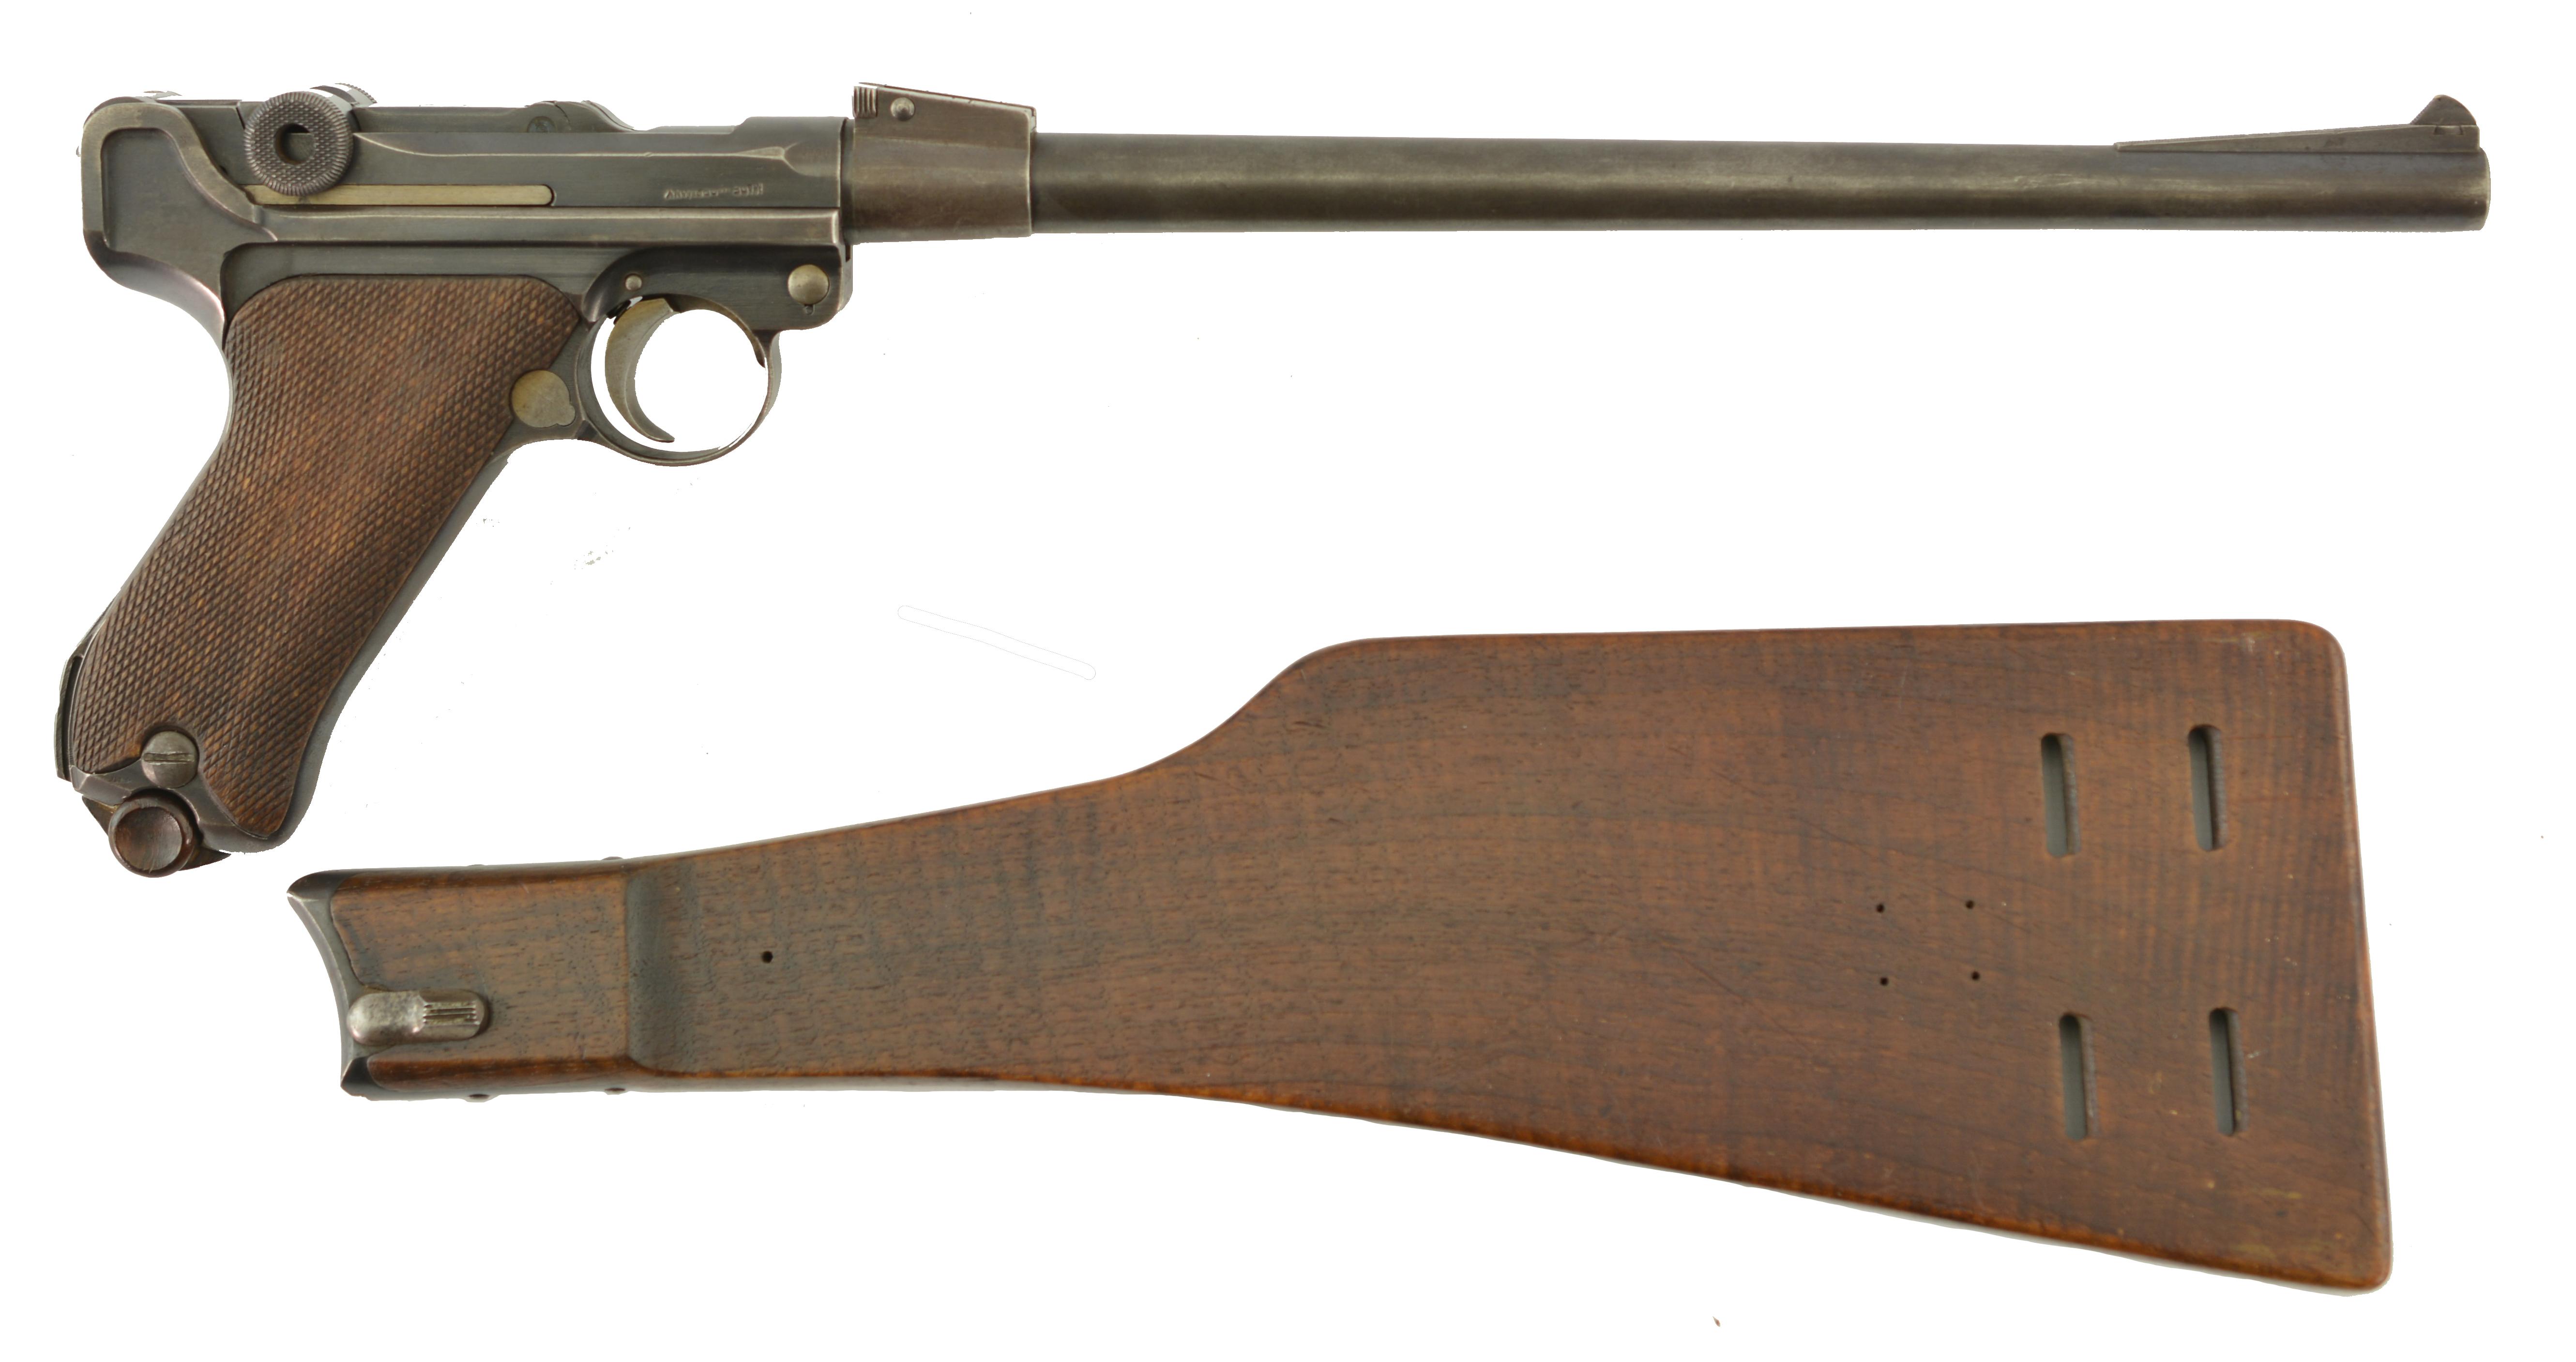 DWM Luger Pistol Carbine Model 1920 Scarce Parts Gun